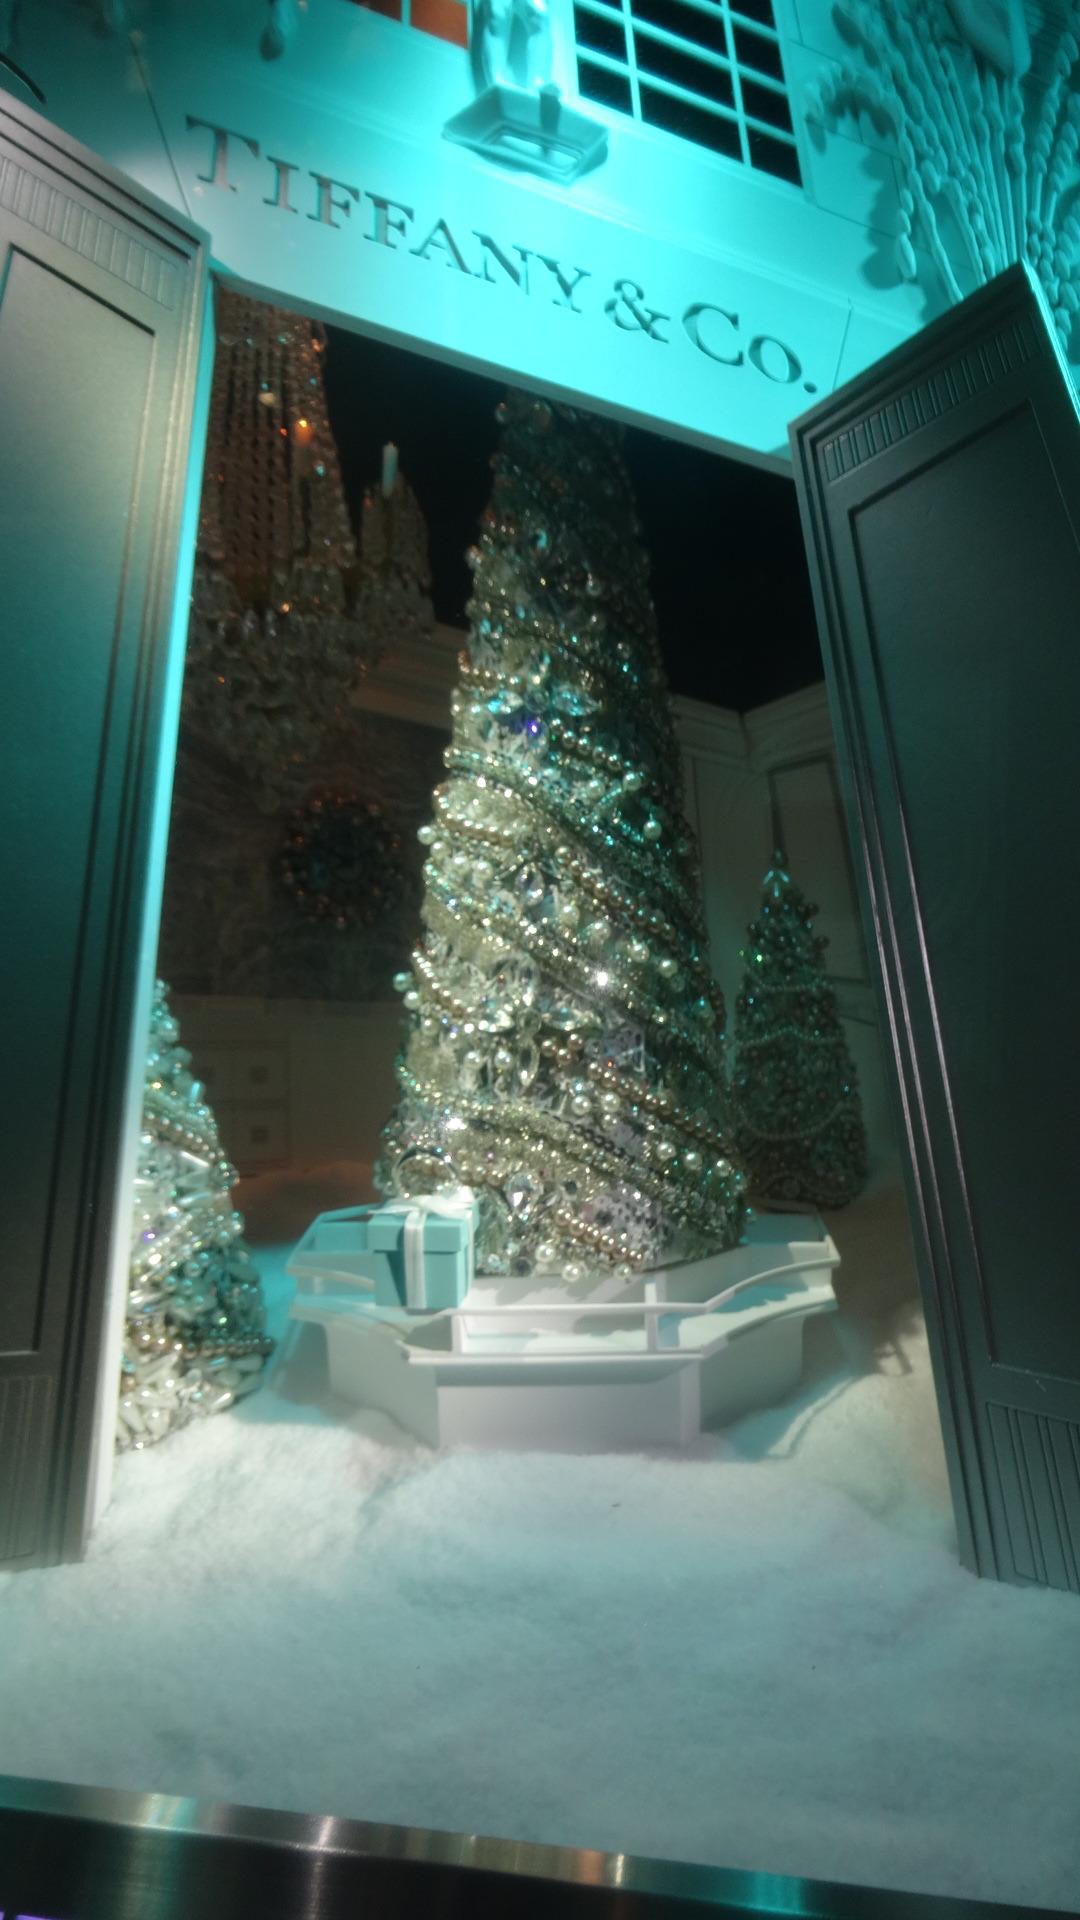 テイファニーのしょショーウインドウに飾れていた小さなクリスマスツリー